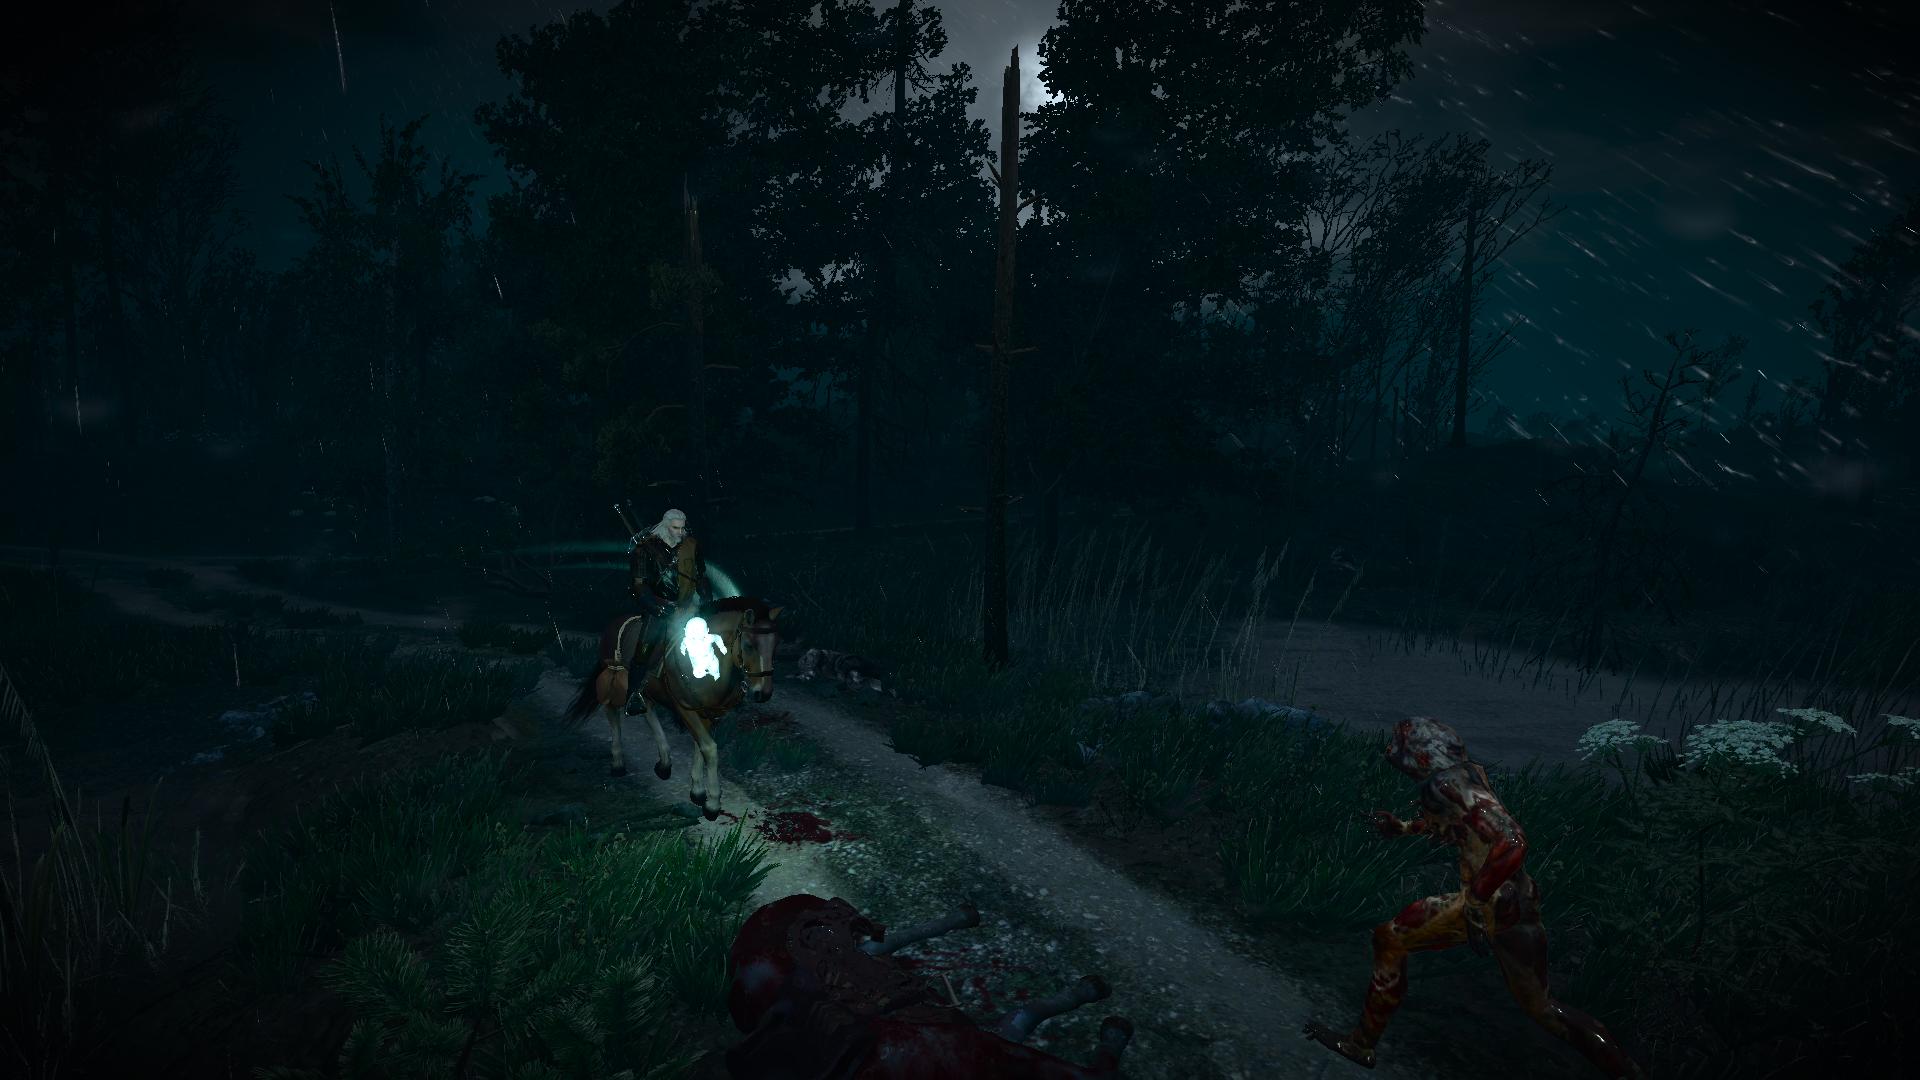 тяжелая дорога - Witcher 3: Wild Hunt, the